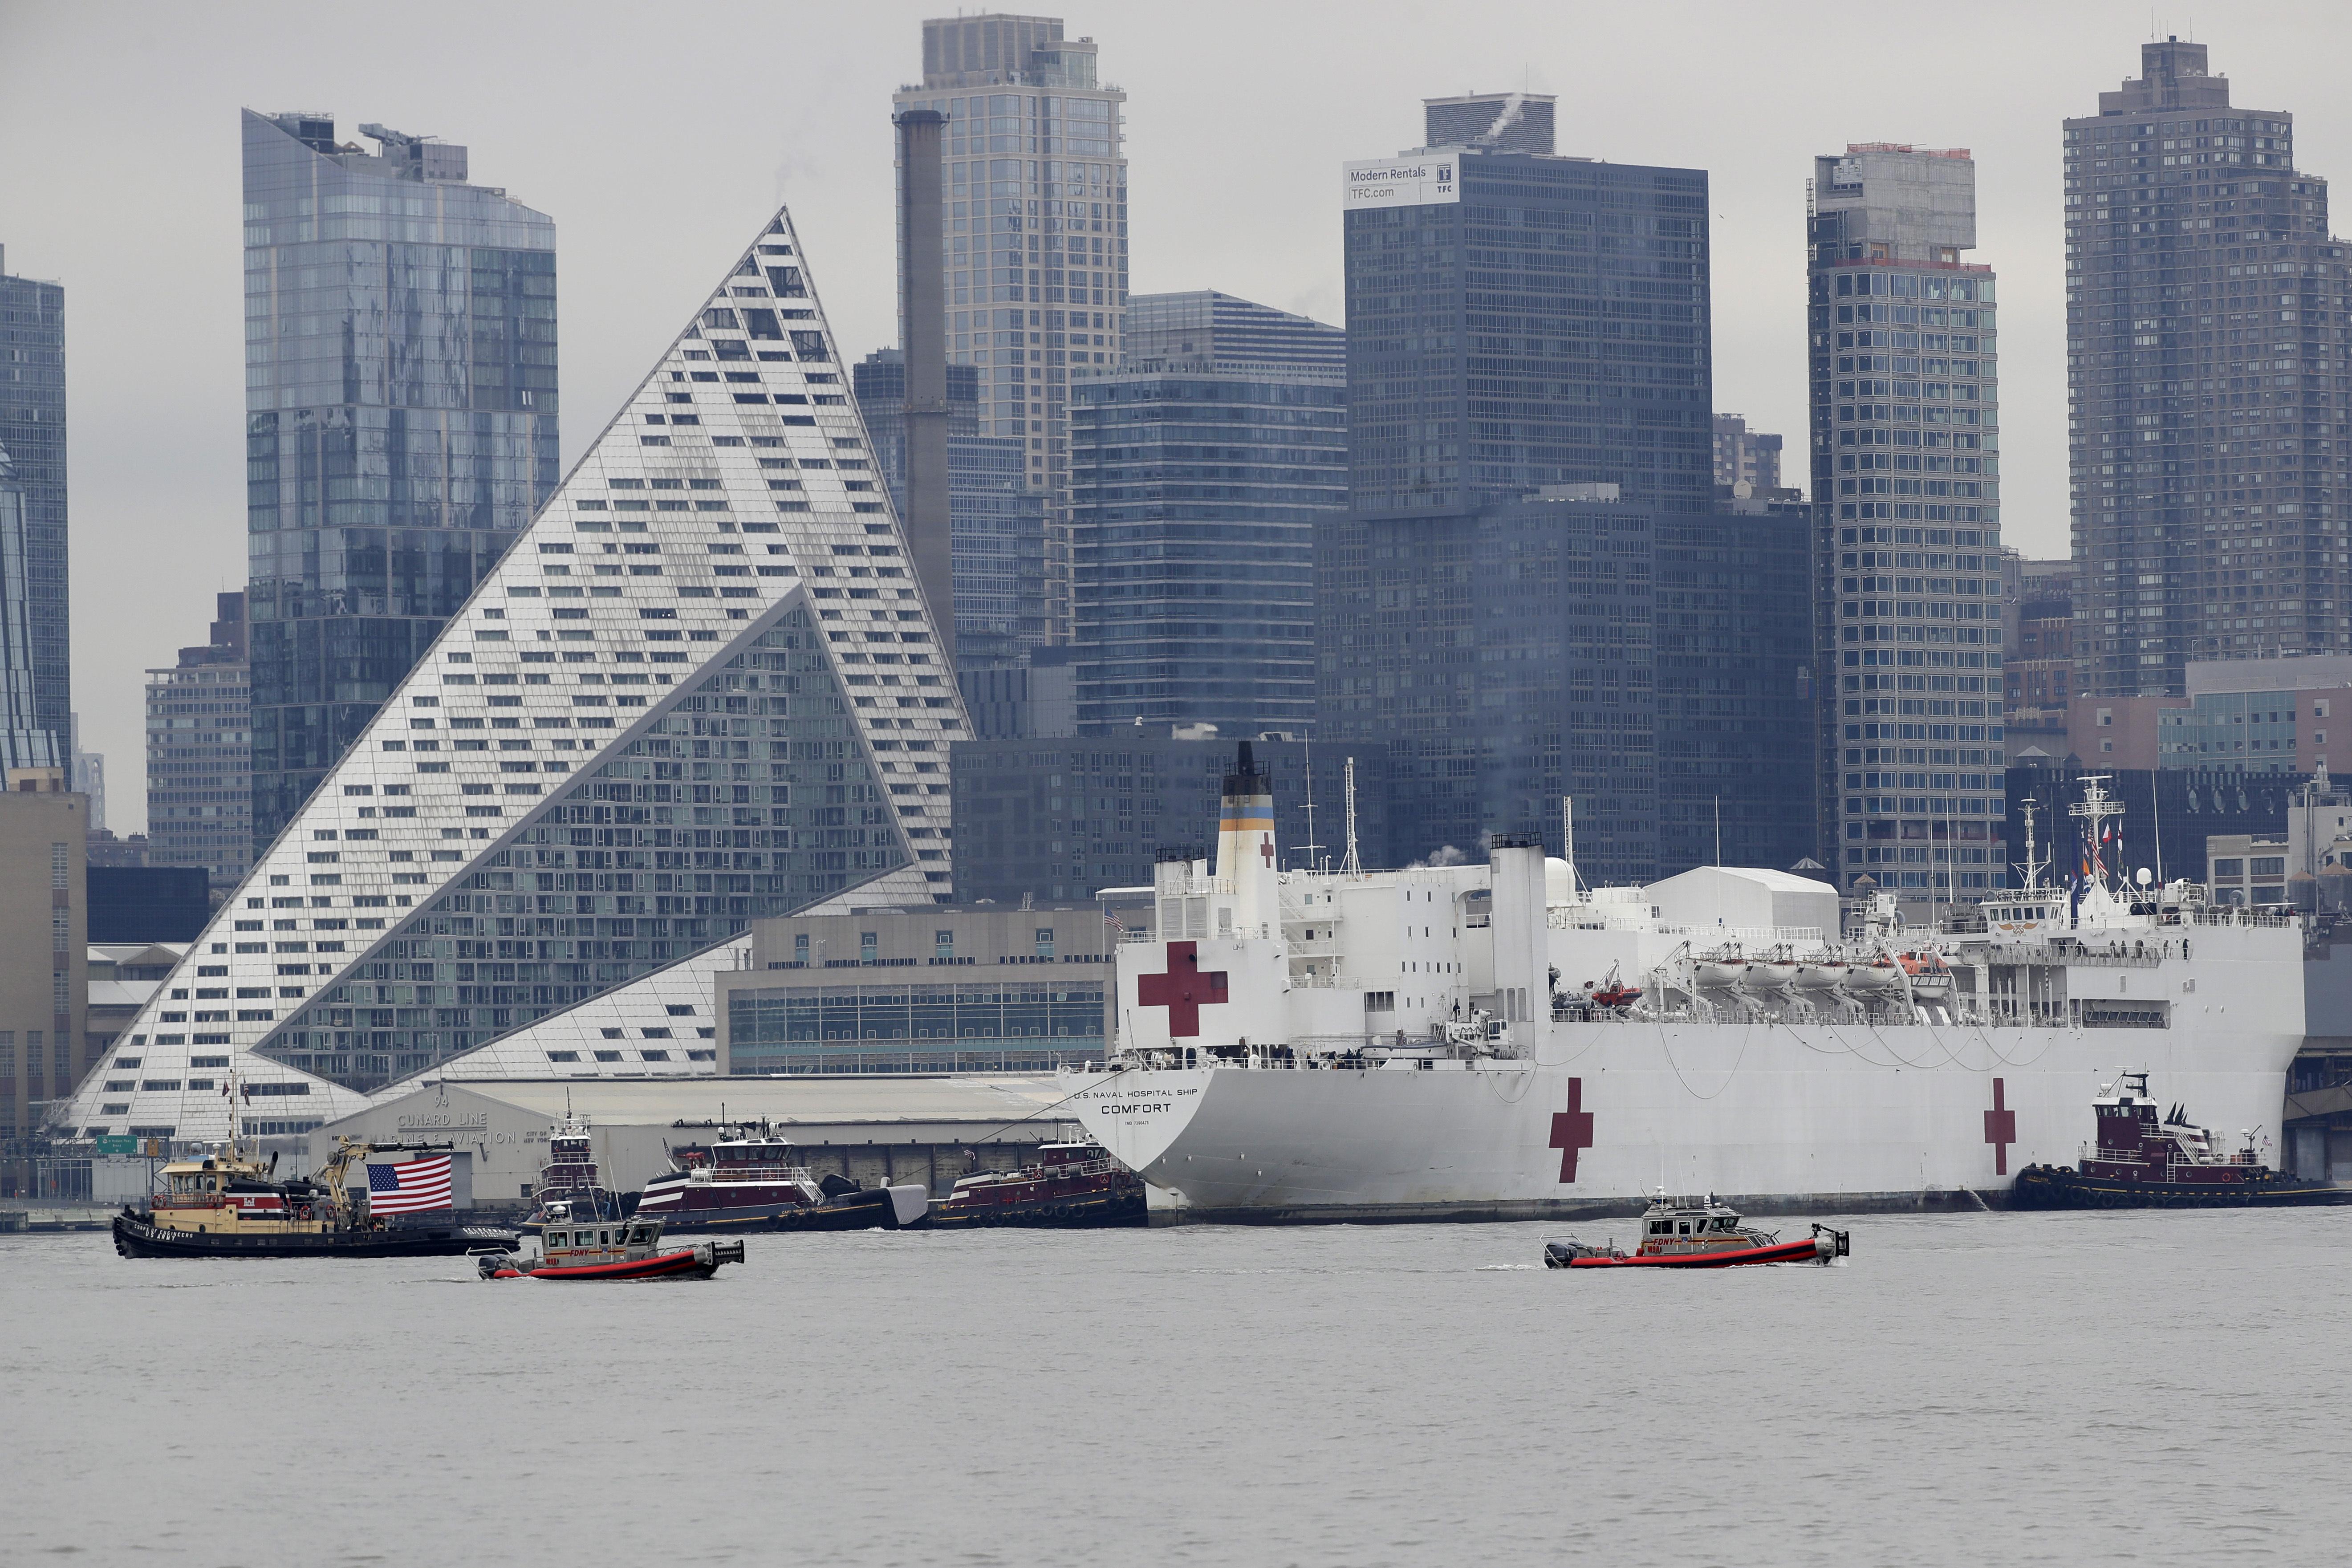 El alcalde Bill de Blasio saludó la llegada de la embarcación, prevista desde el 18 de marzo.